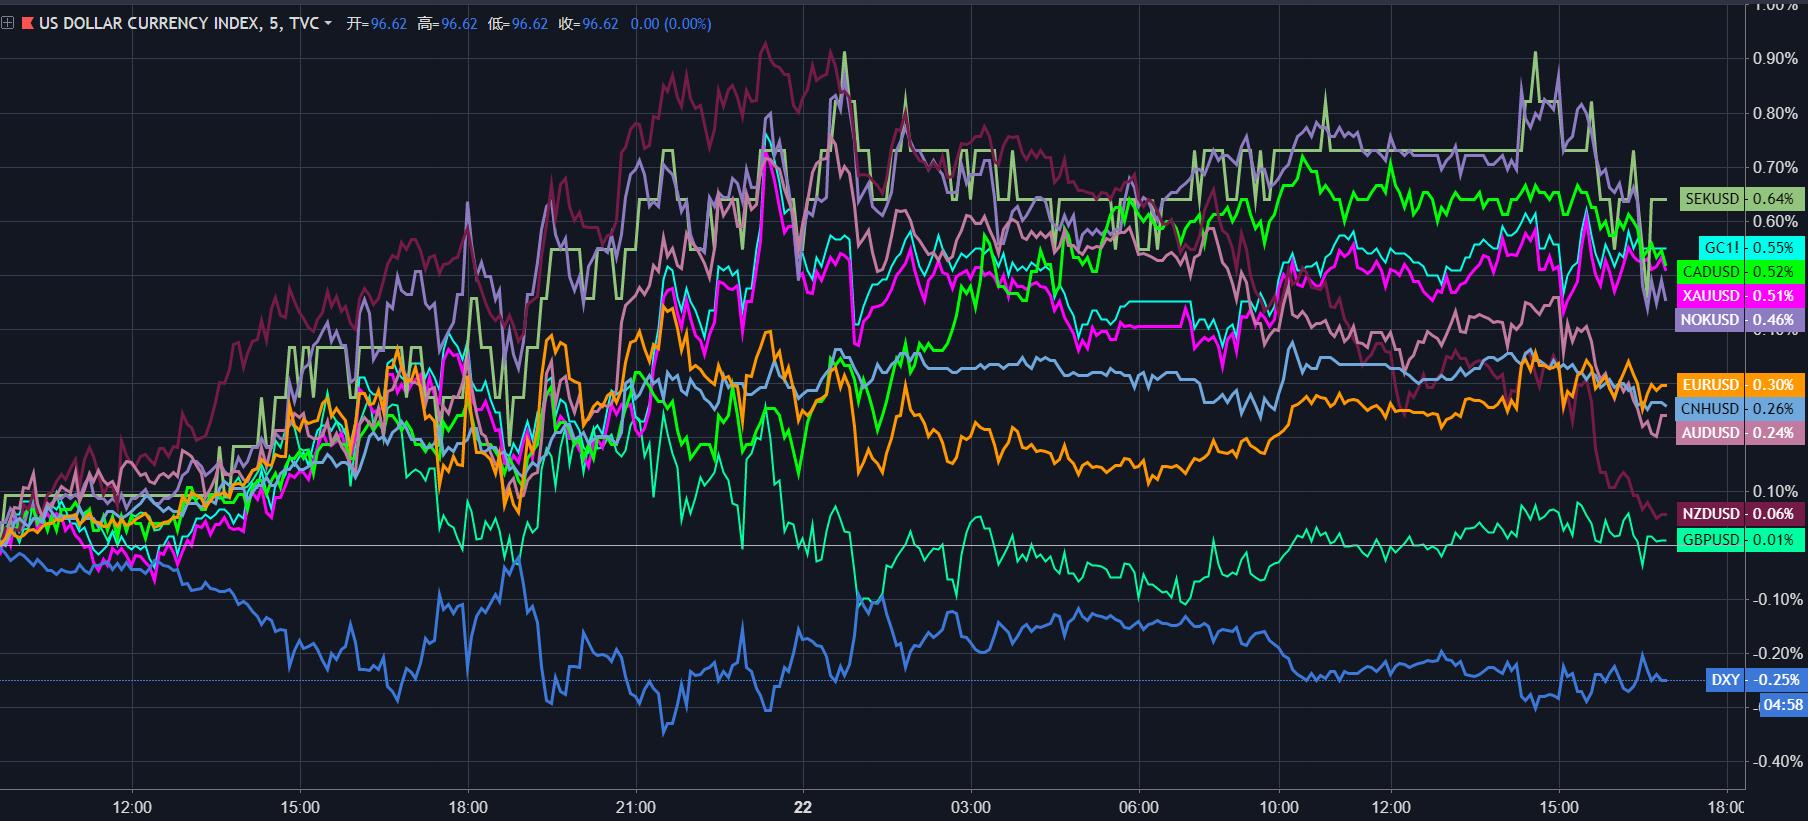 日内主要货币对美元走势lte,来源于TradingView